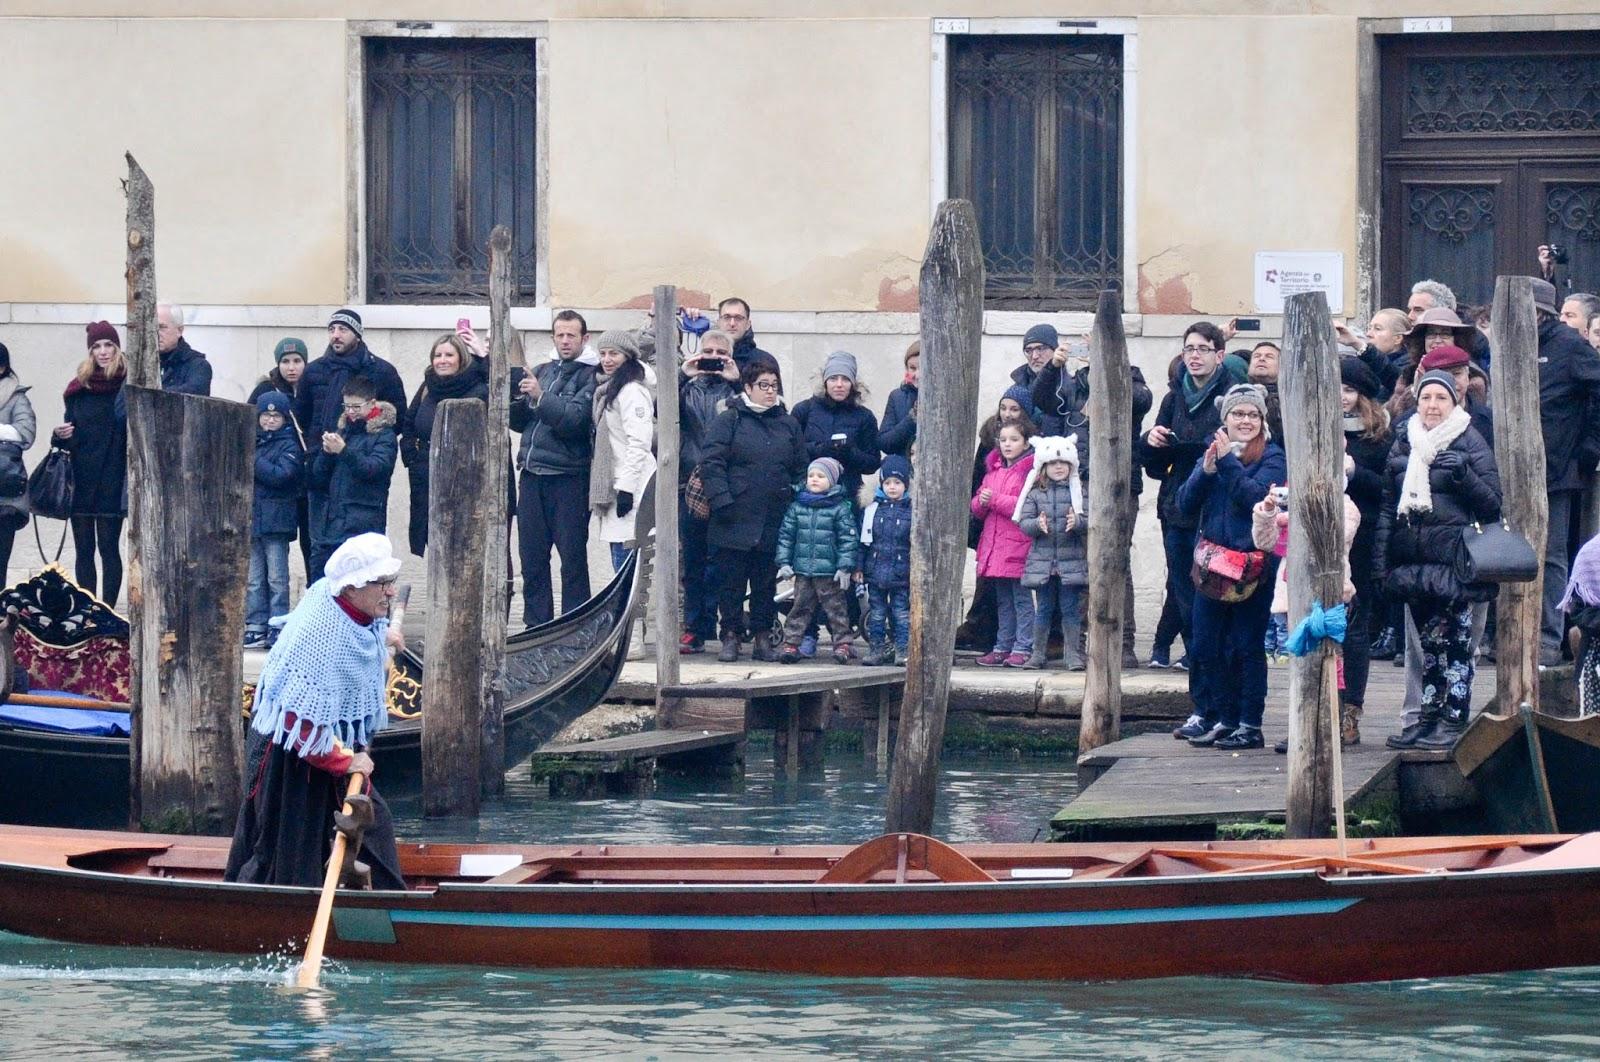 Blue Befana, Befana race, Venice, Italy